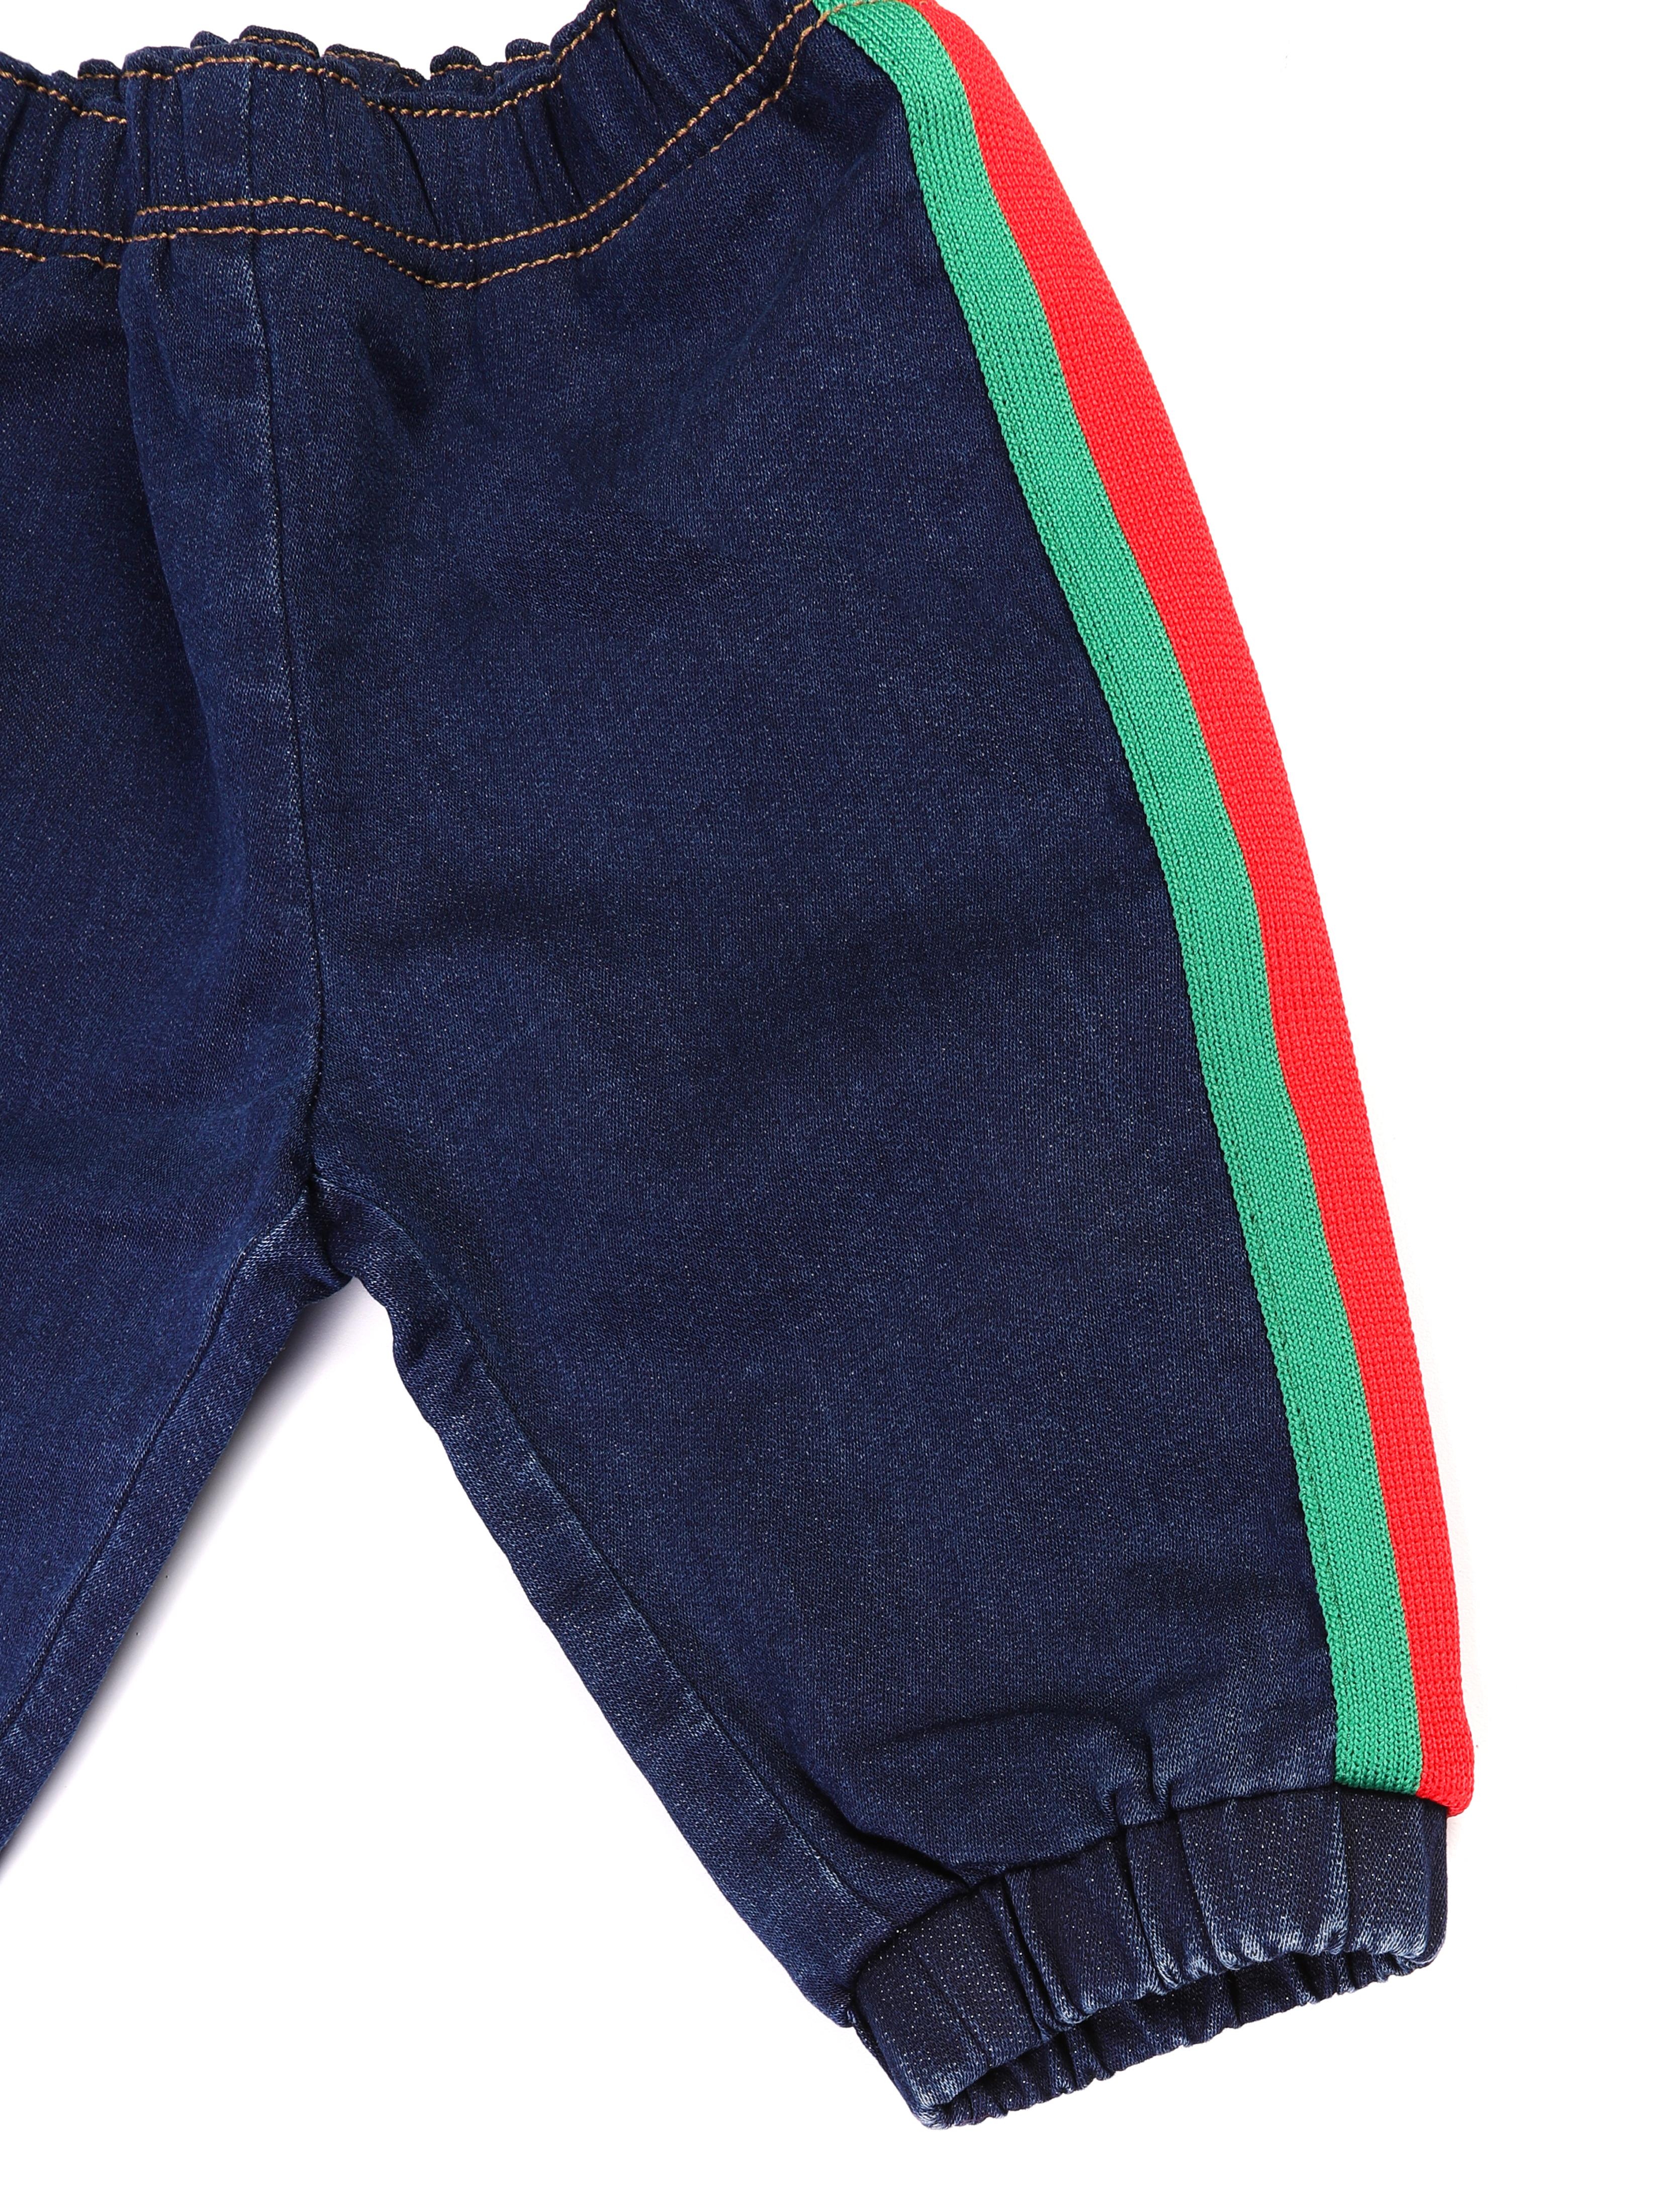 Gucci | Jeans | 547187 XJA654206